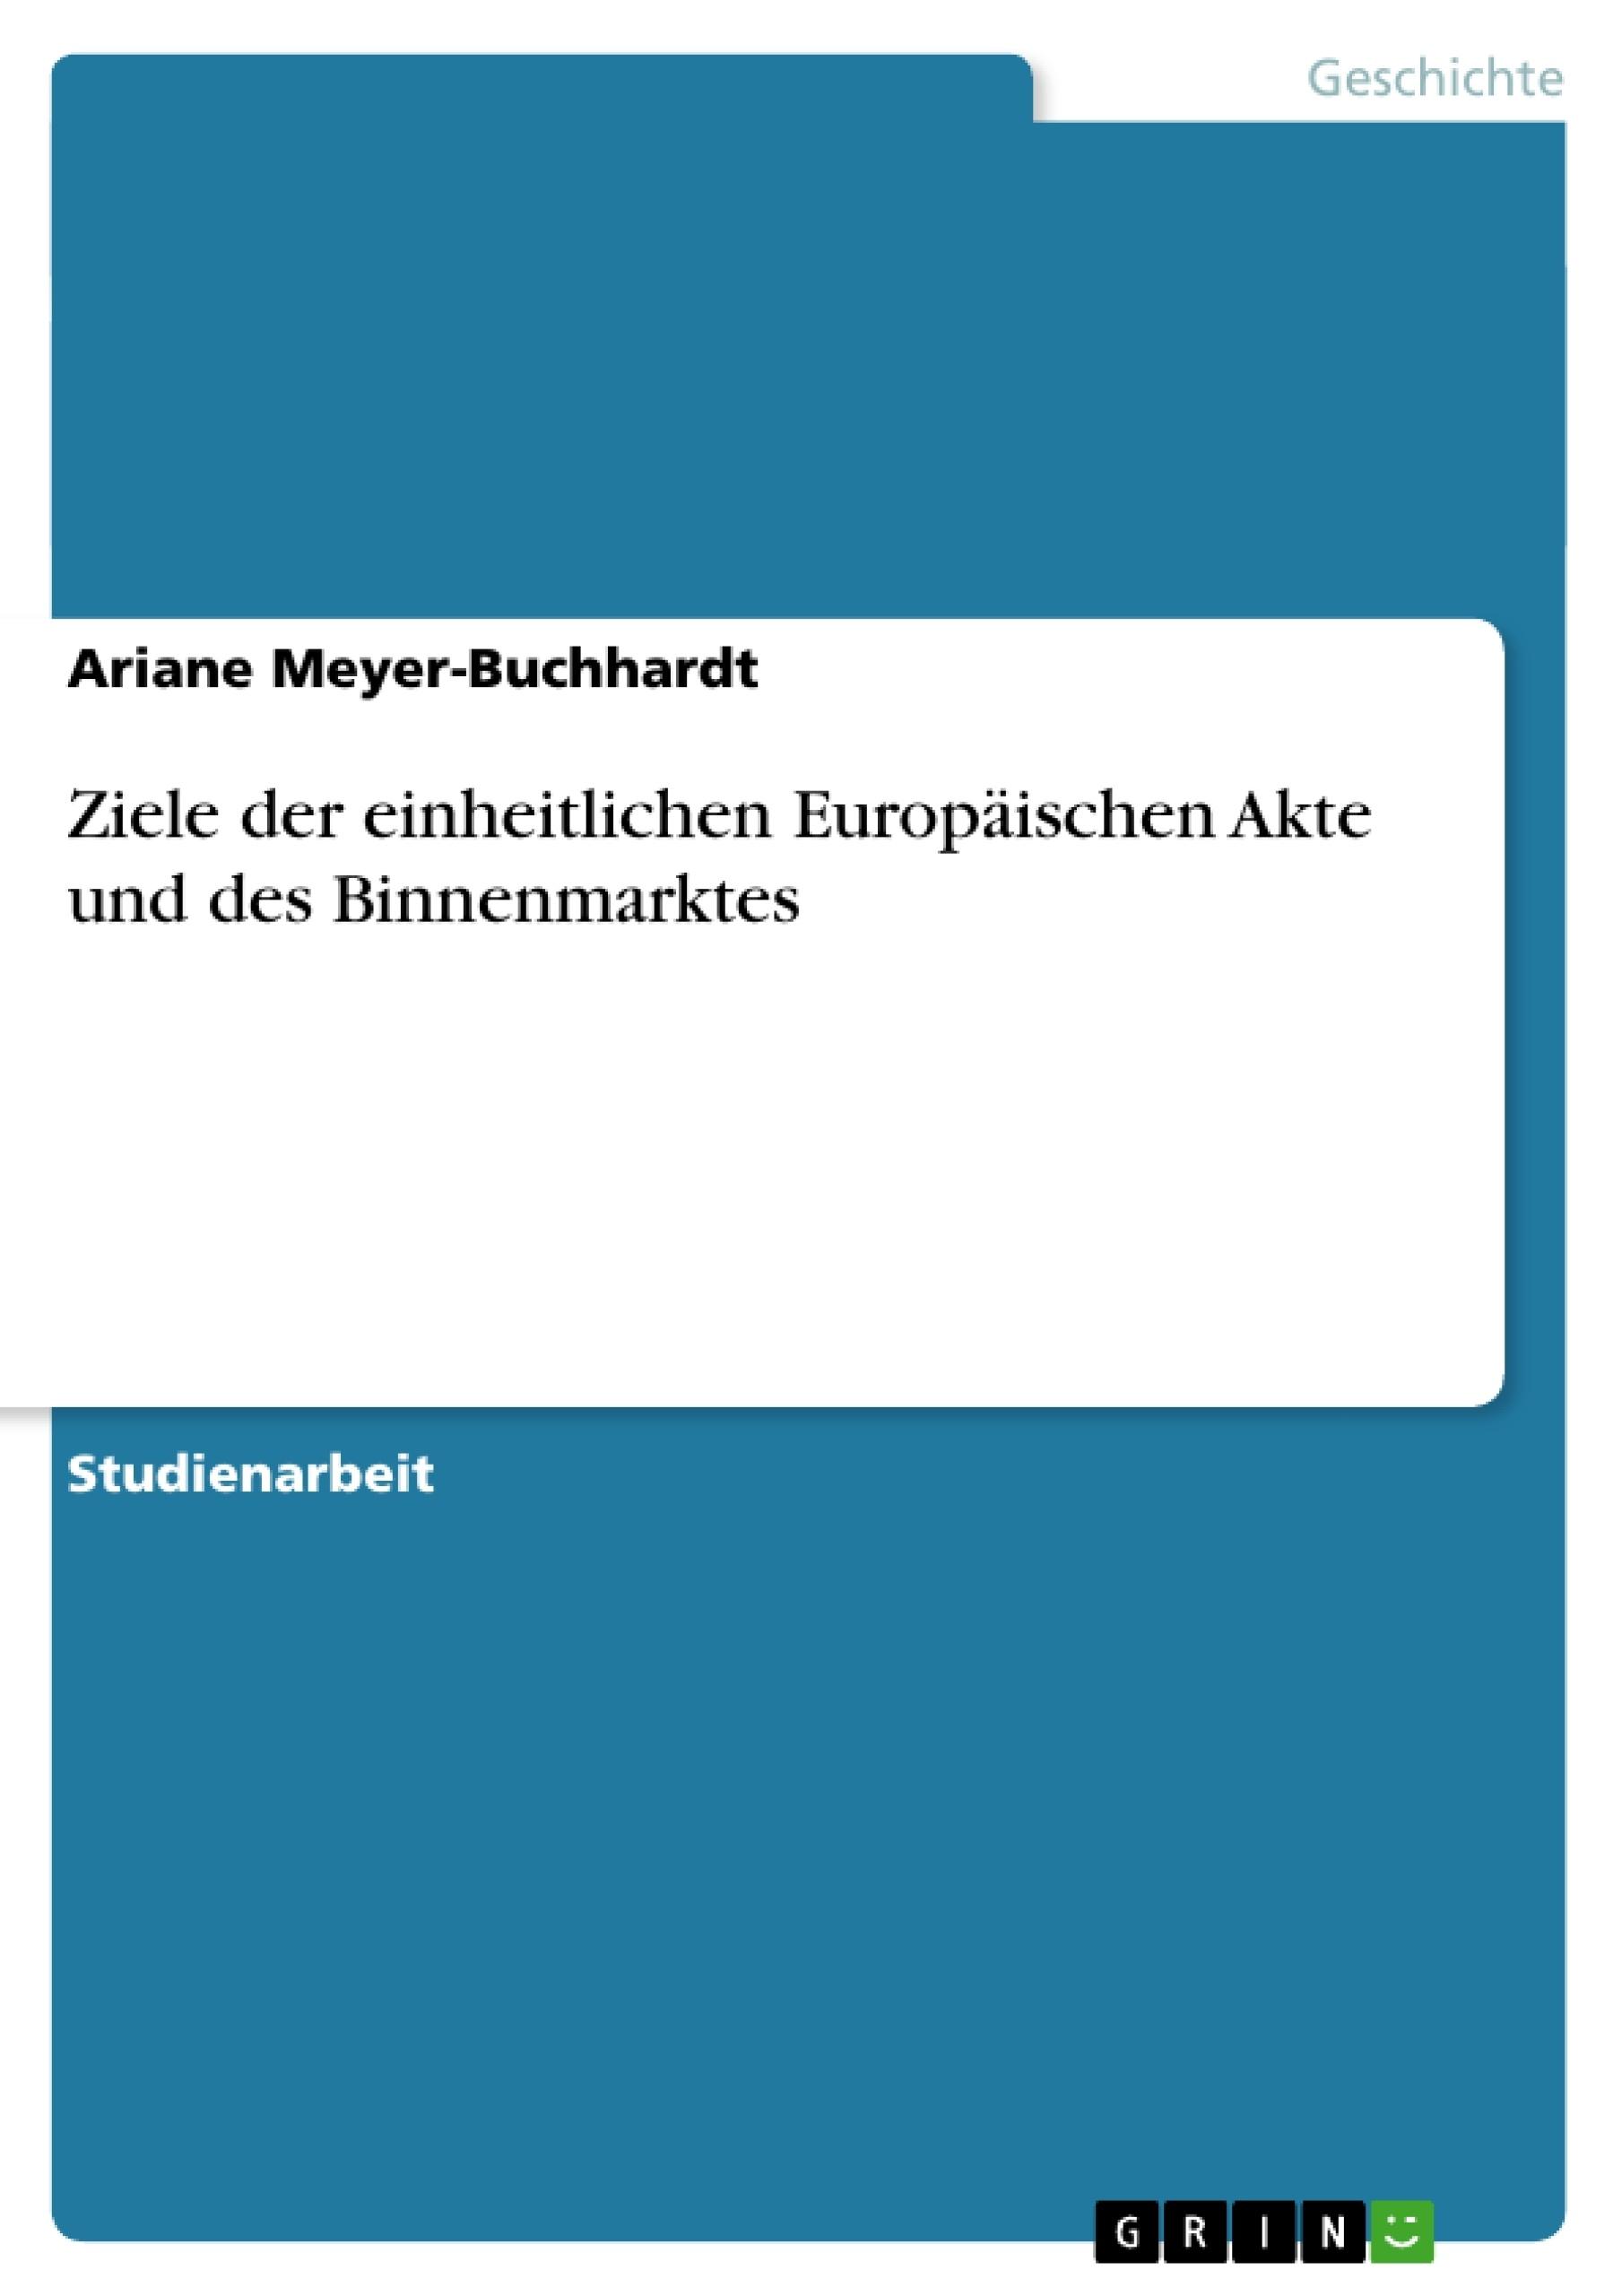 Titel: Ziele der einheitlichen Europäischen Akte und des Binnenmarktes